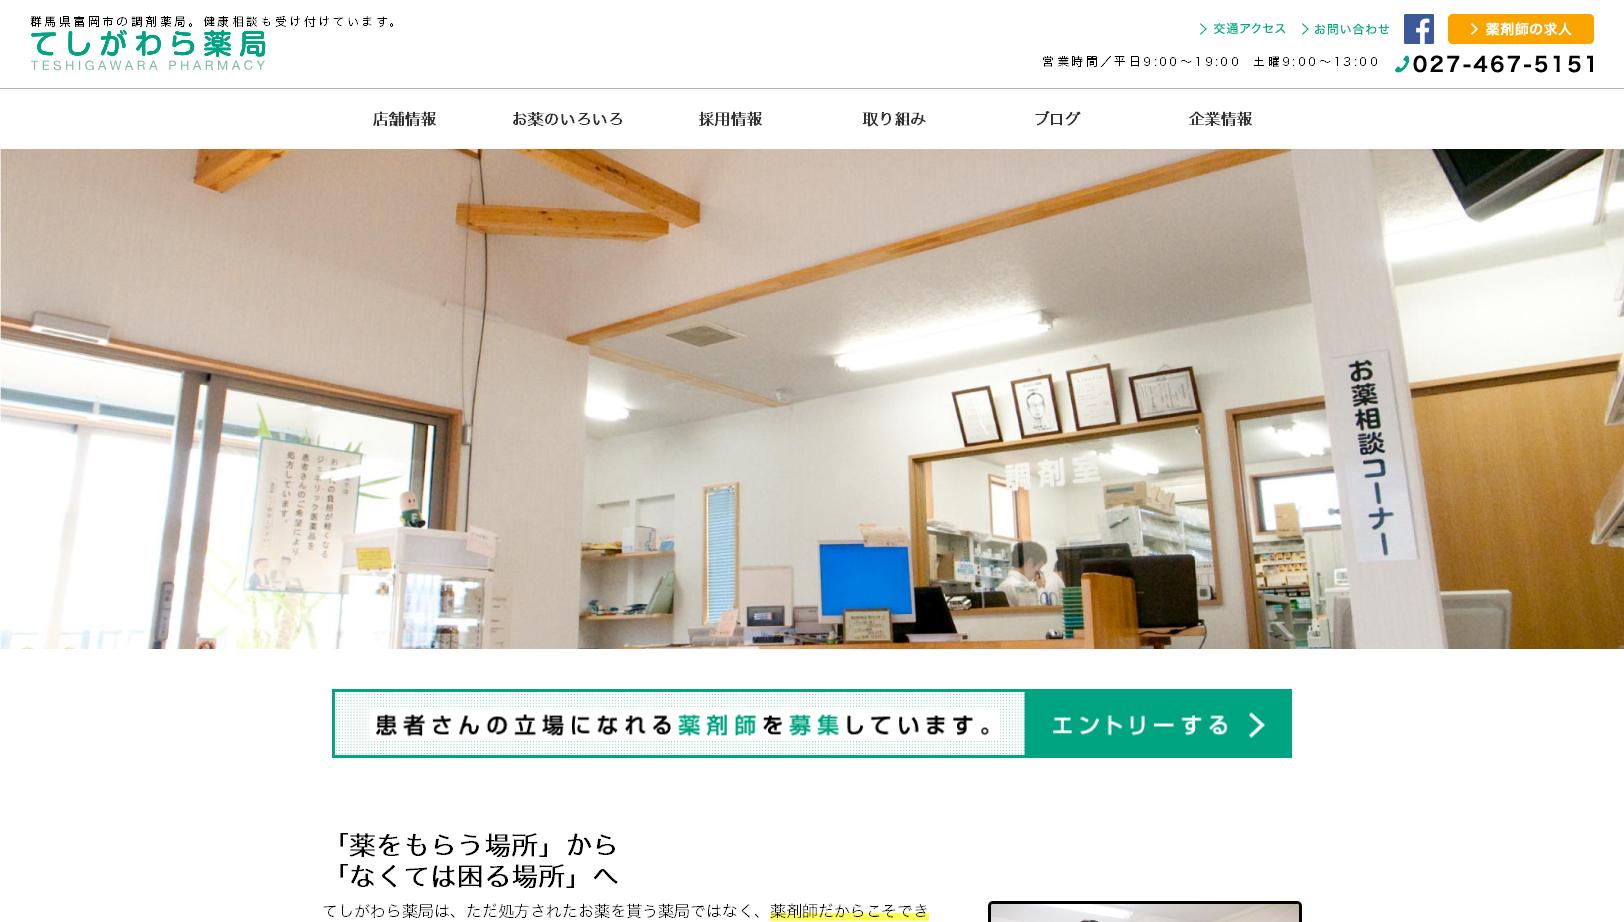 てしがわら薬局  群馬県富岡市の調剤薬局。健康相談も受け付けています。